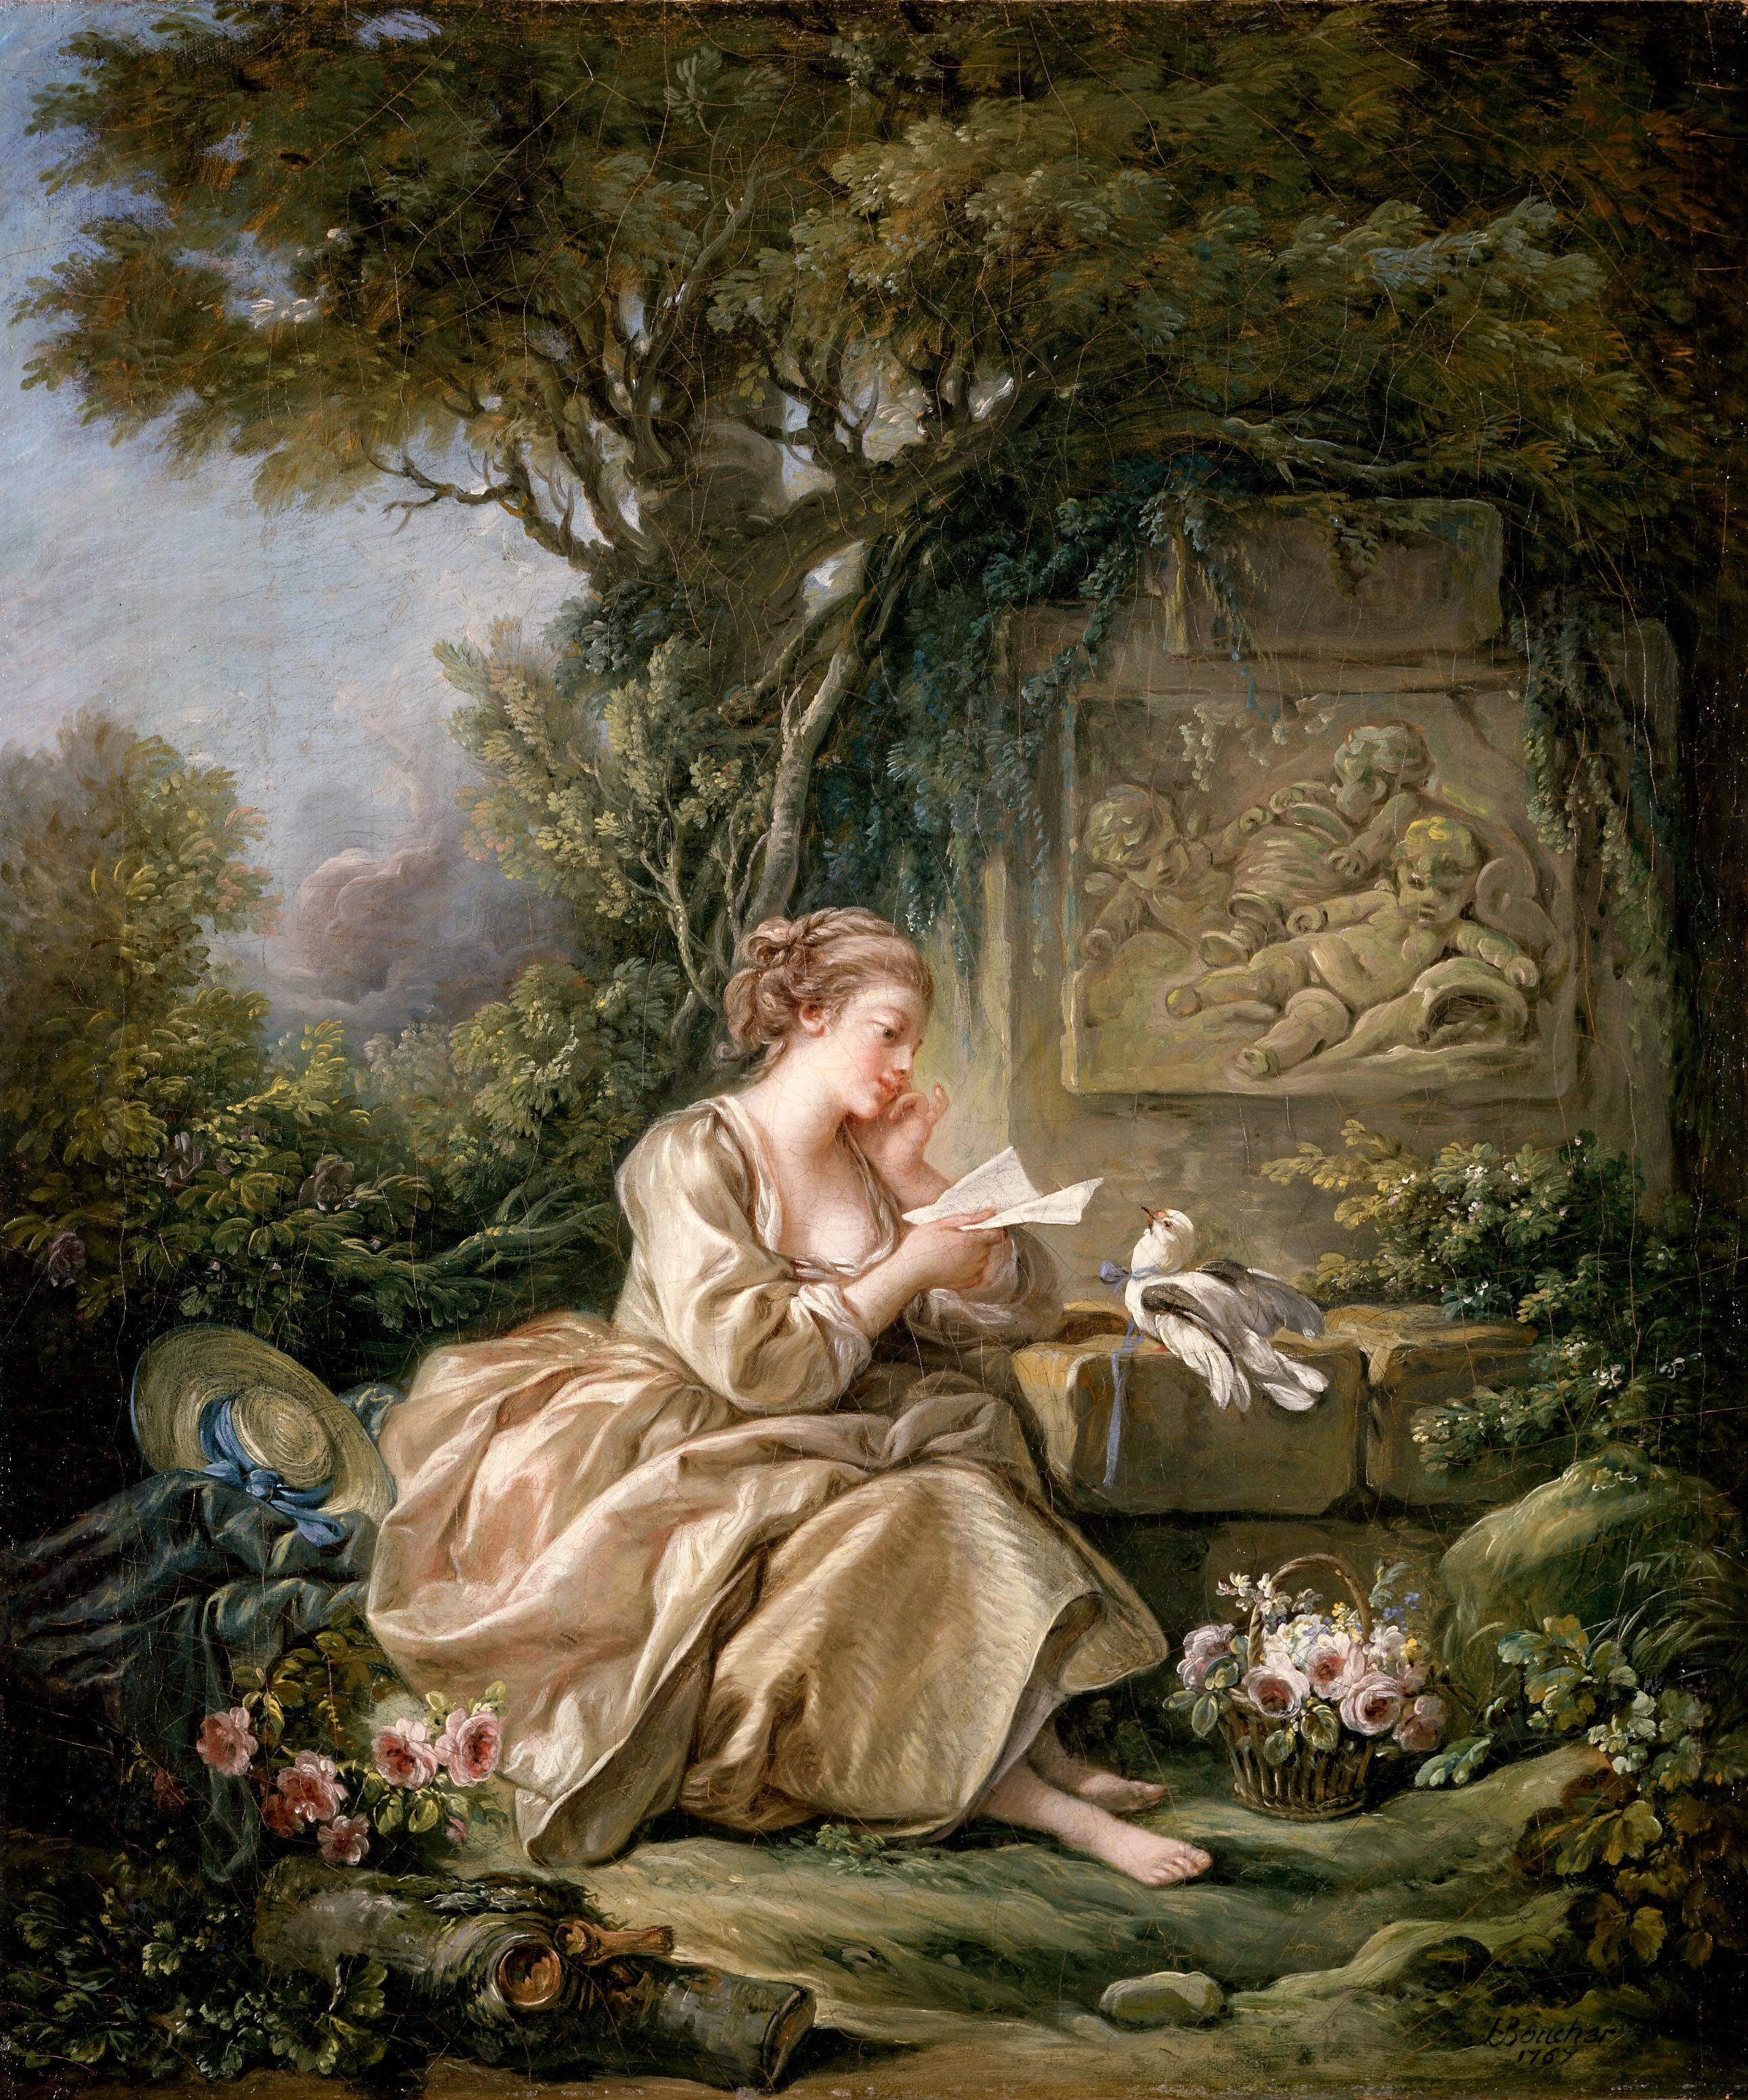 ranoisoucher-heecretessage,1767erzogntonlrichuseum